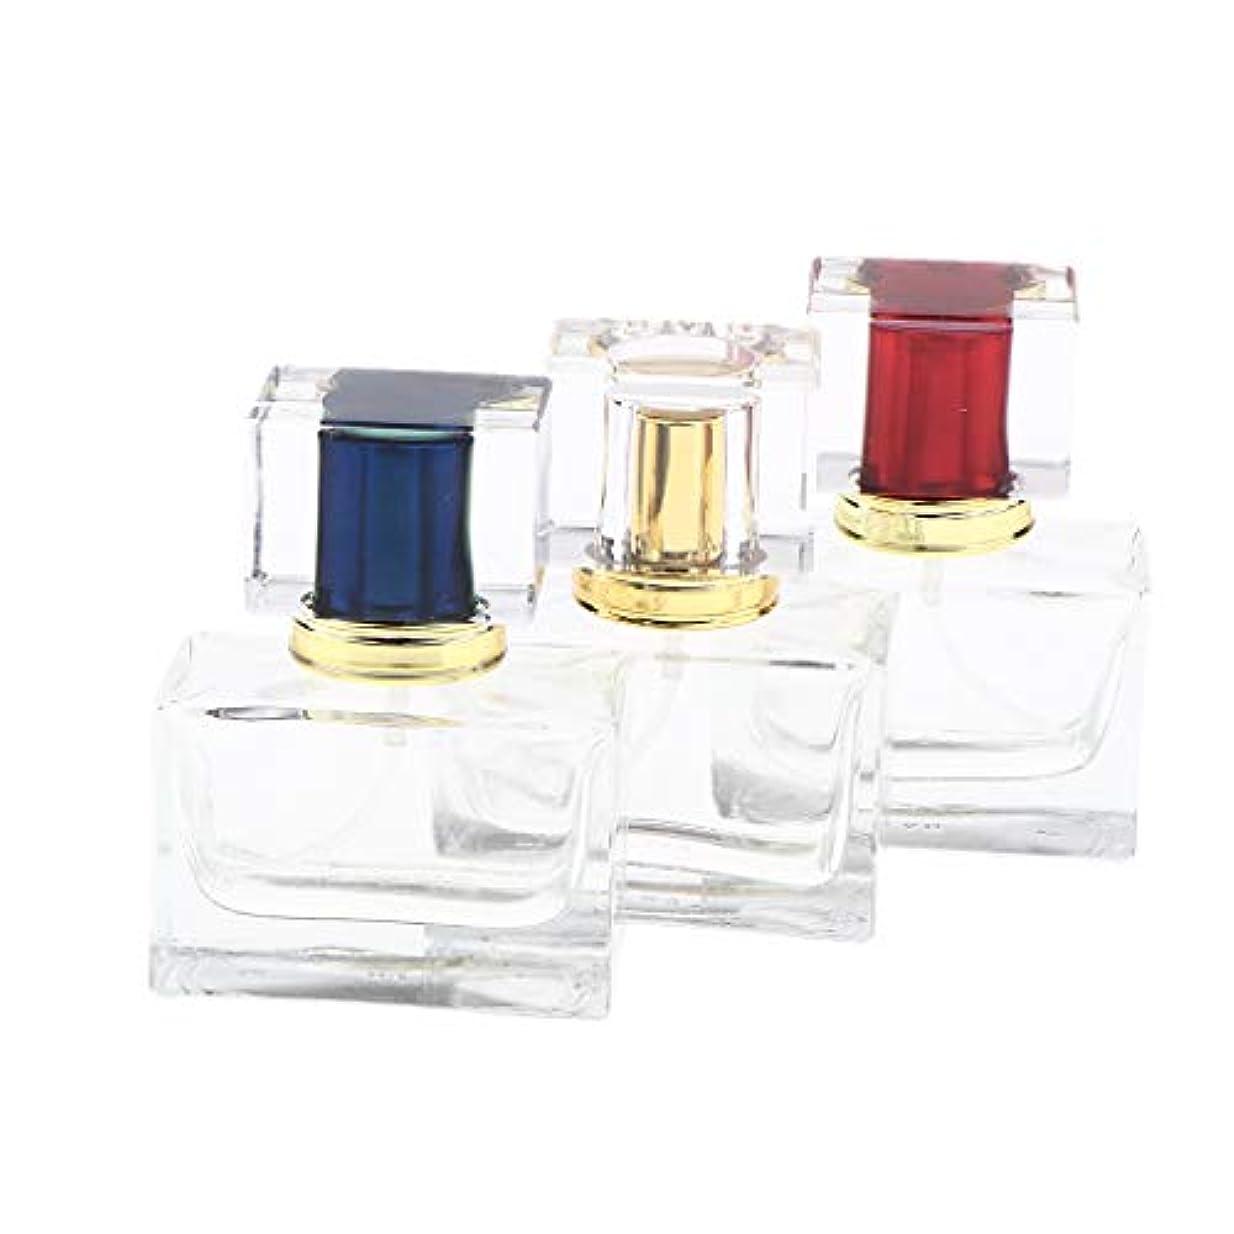 負本質的ではない苗DYNWAVE 香水アトマイザー スプレーボトル 詰め替え容器 香水瓶 小型 旅行 持ち運び ロック可能 30ML